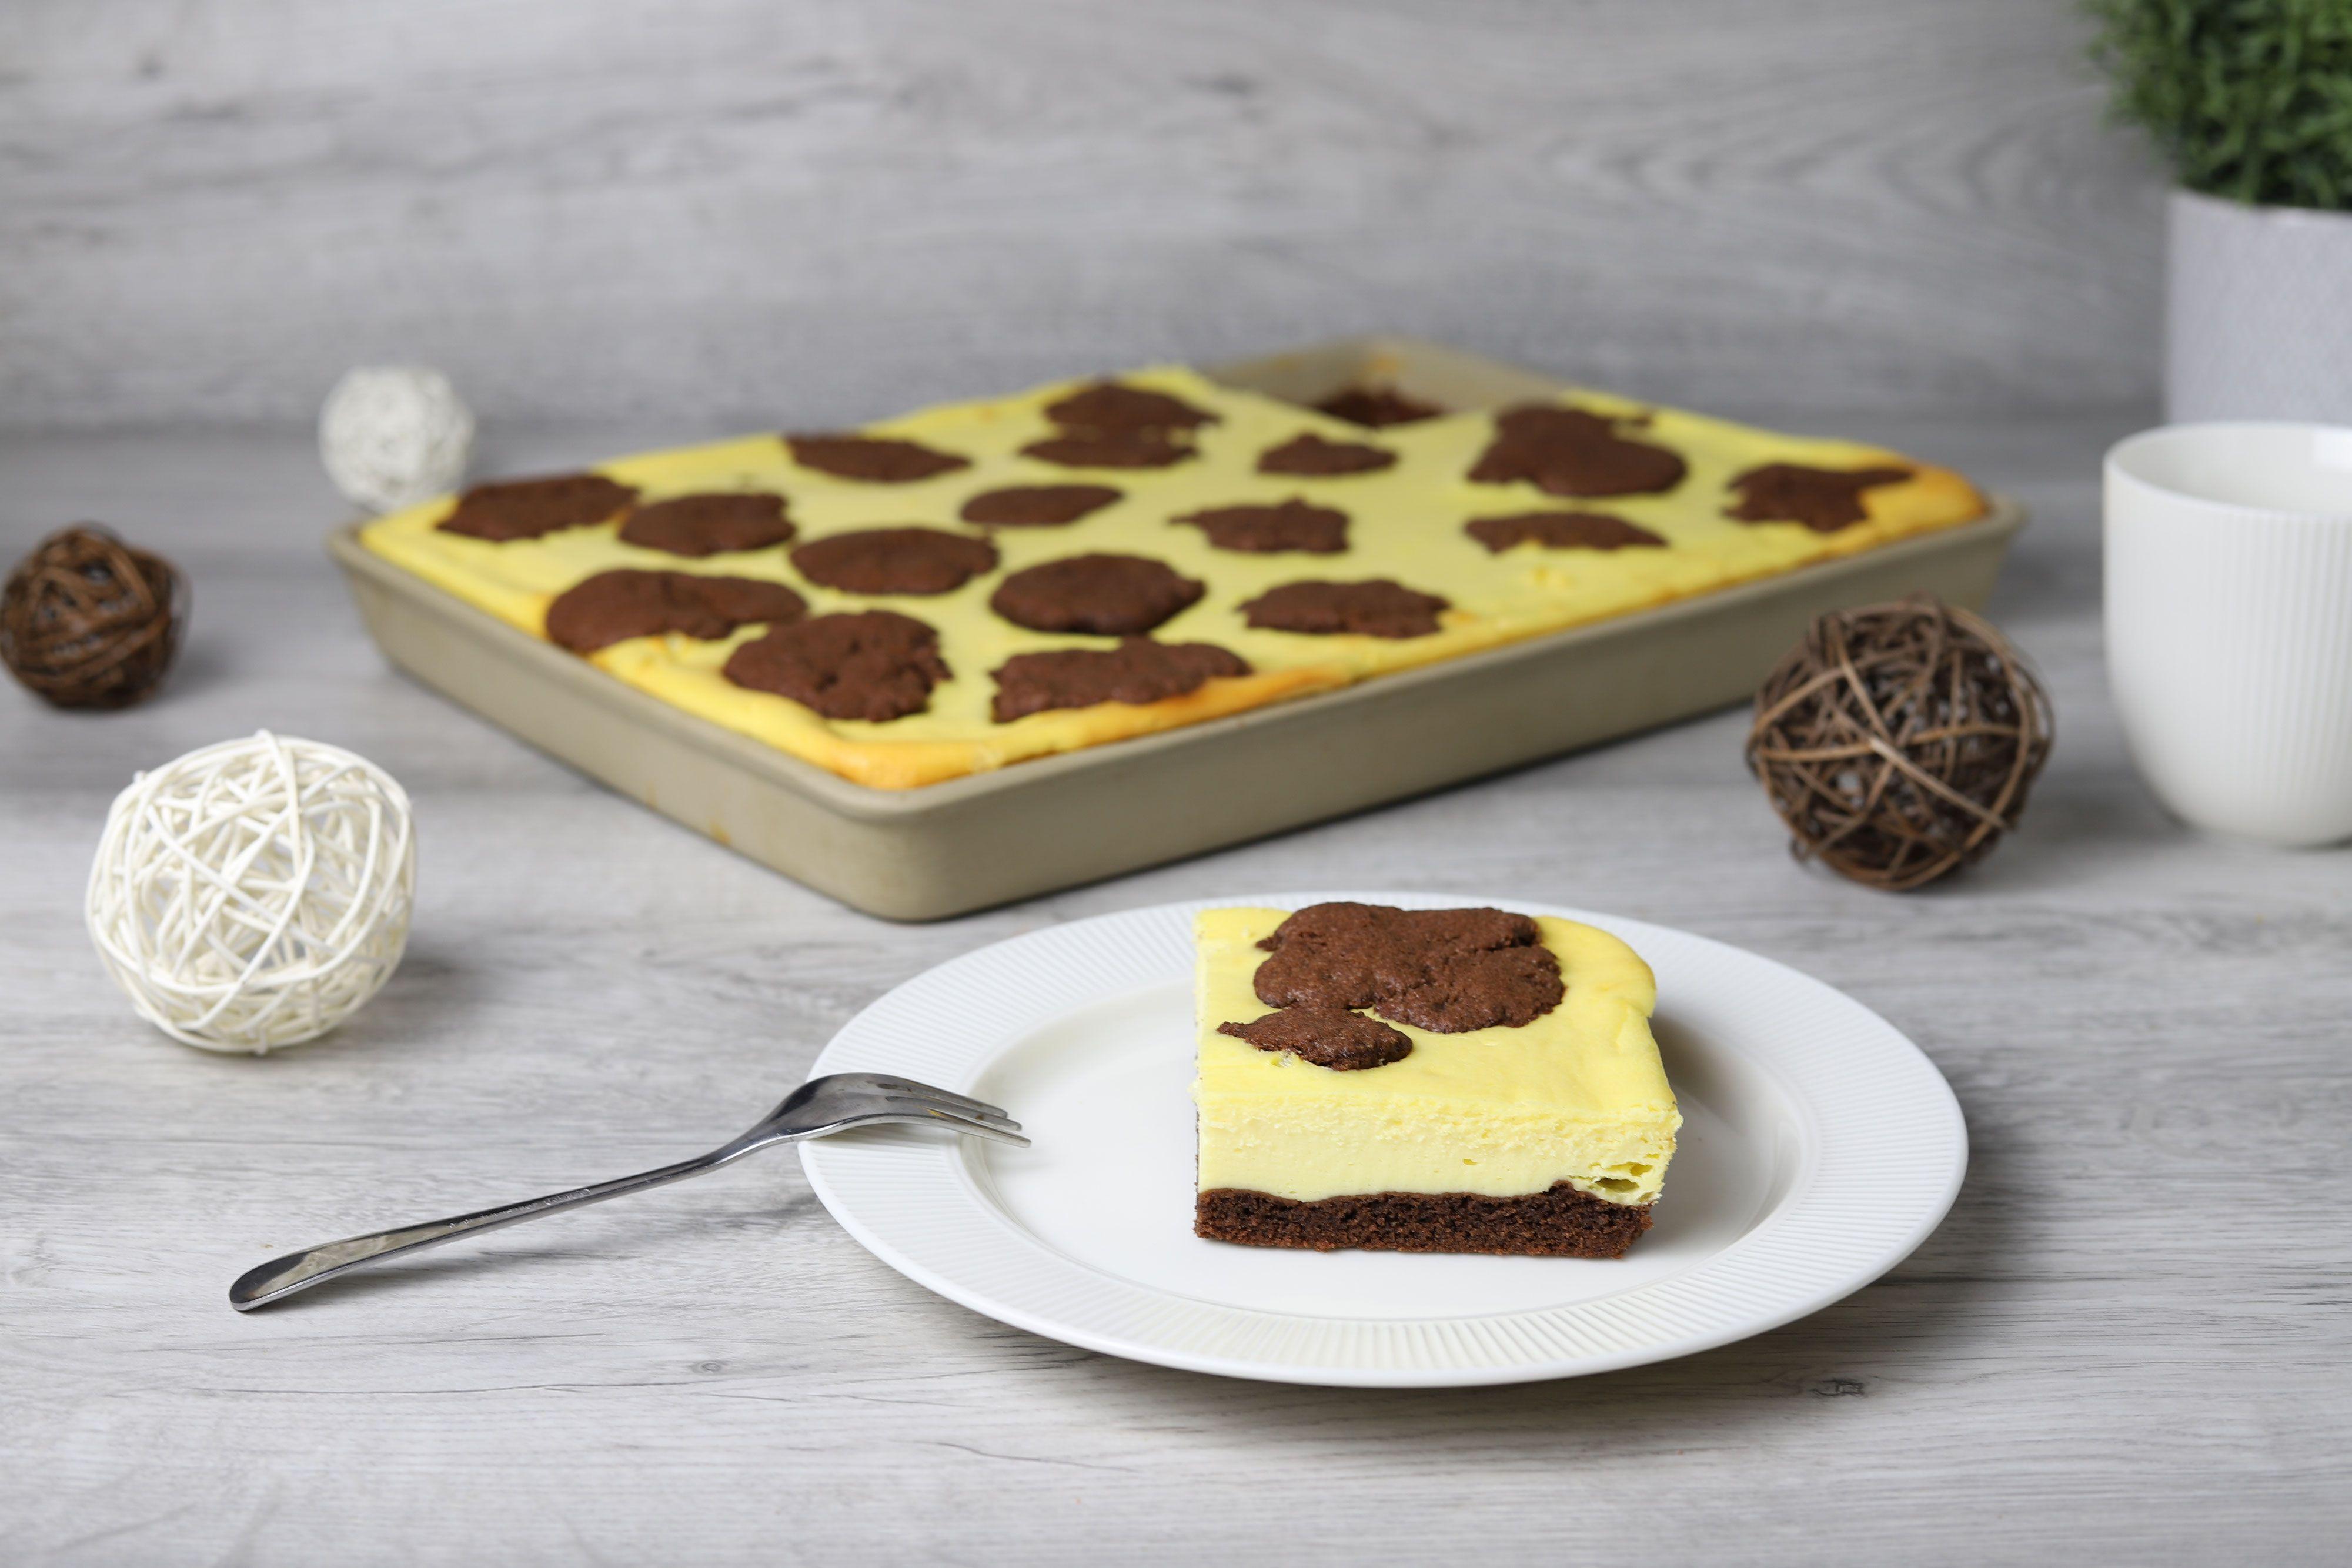 Zupfkuchen Im Ofenzauberer Von Pampered Chef In 2020 Zupfkuchen Kuchen Und Torten Rezepte Kuchen Und Torten